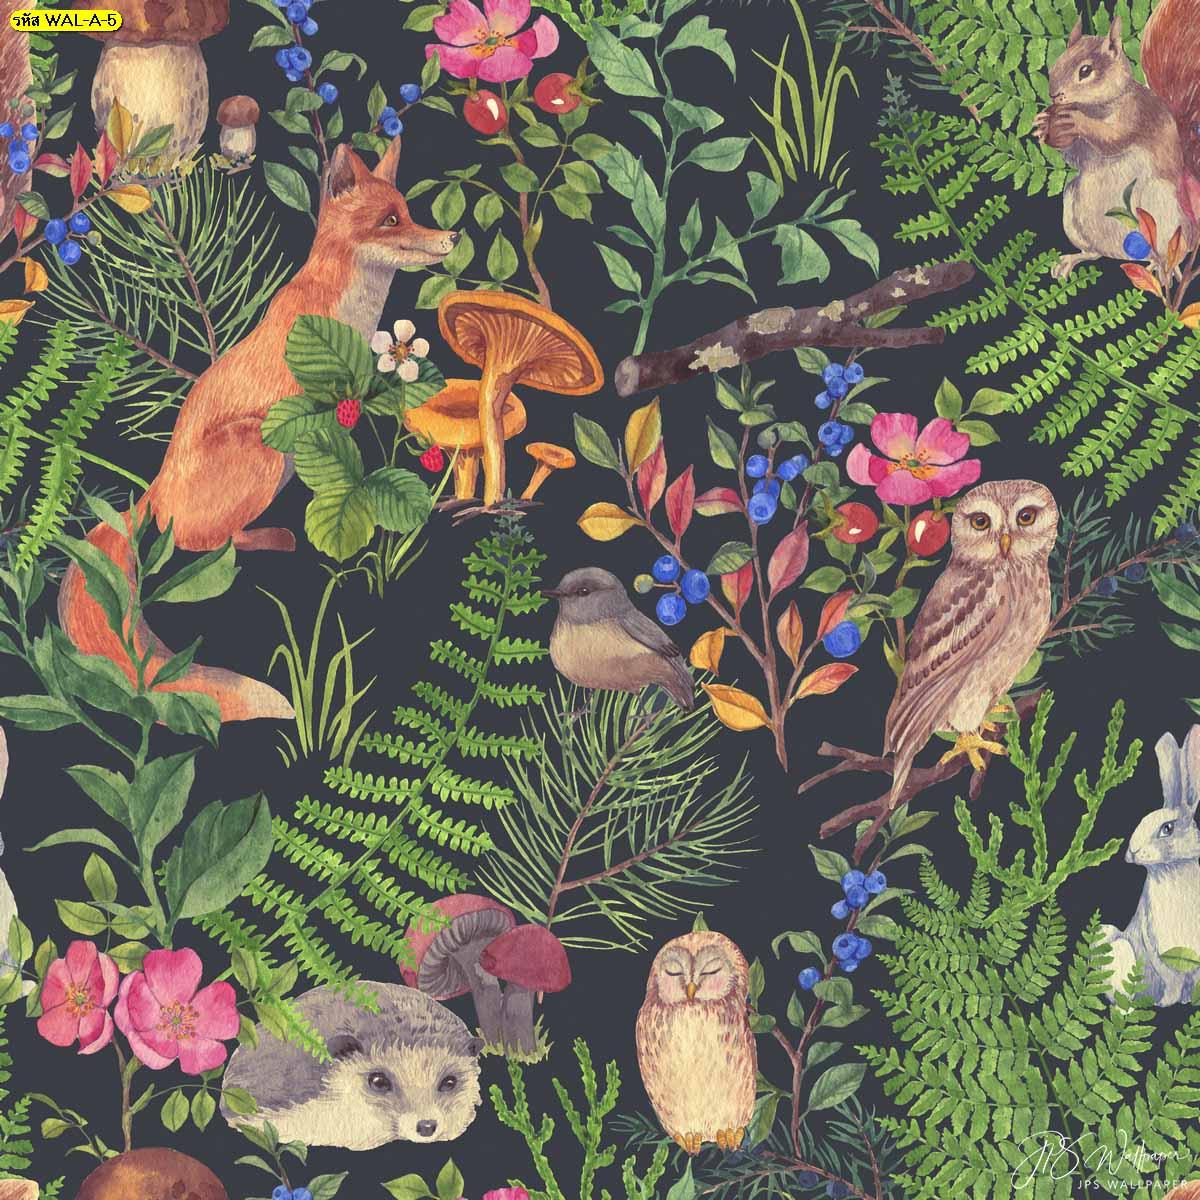 วอลเปเปอร์ต่อลายสัตว์เล็กในสวนป่า วอลเปเปอร์ตกแต่งผนังภายในร้านอาหารสวยๆ